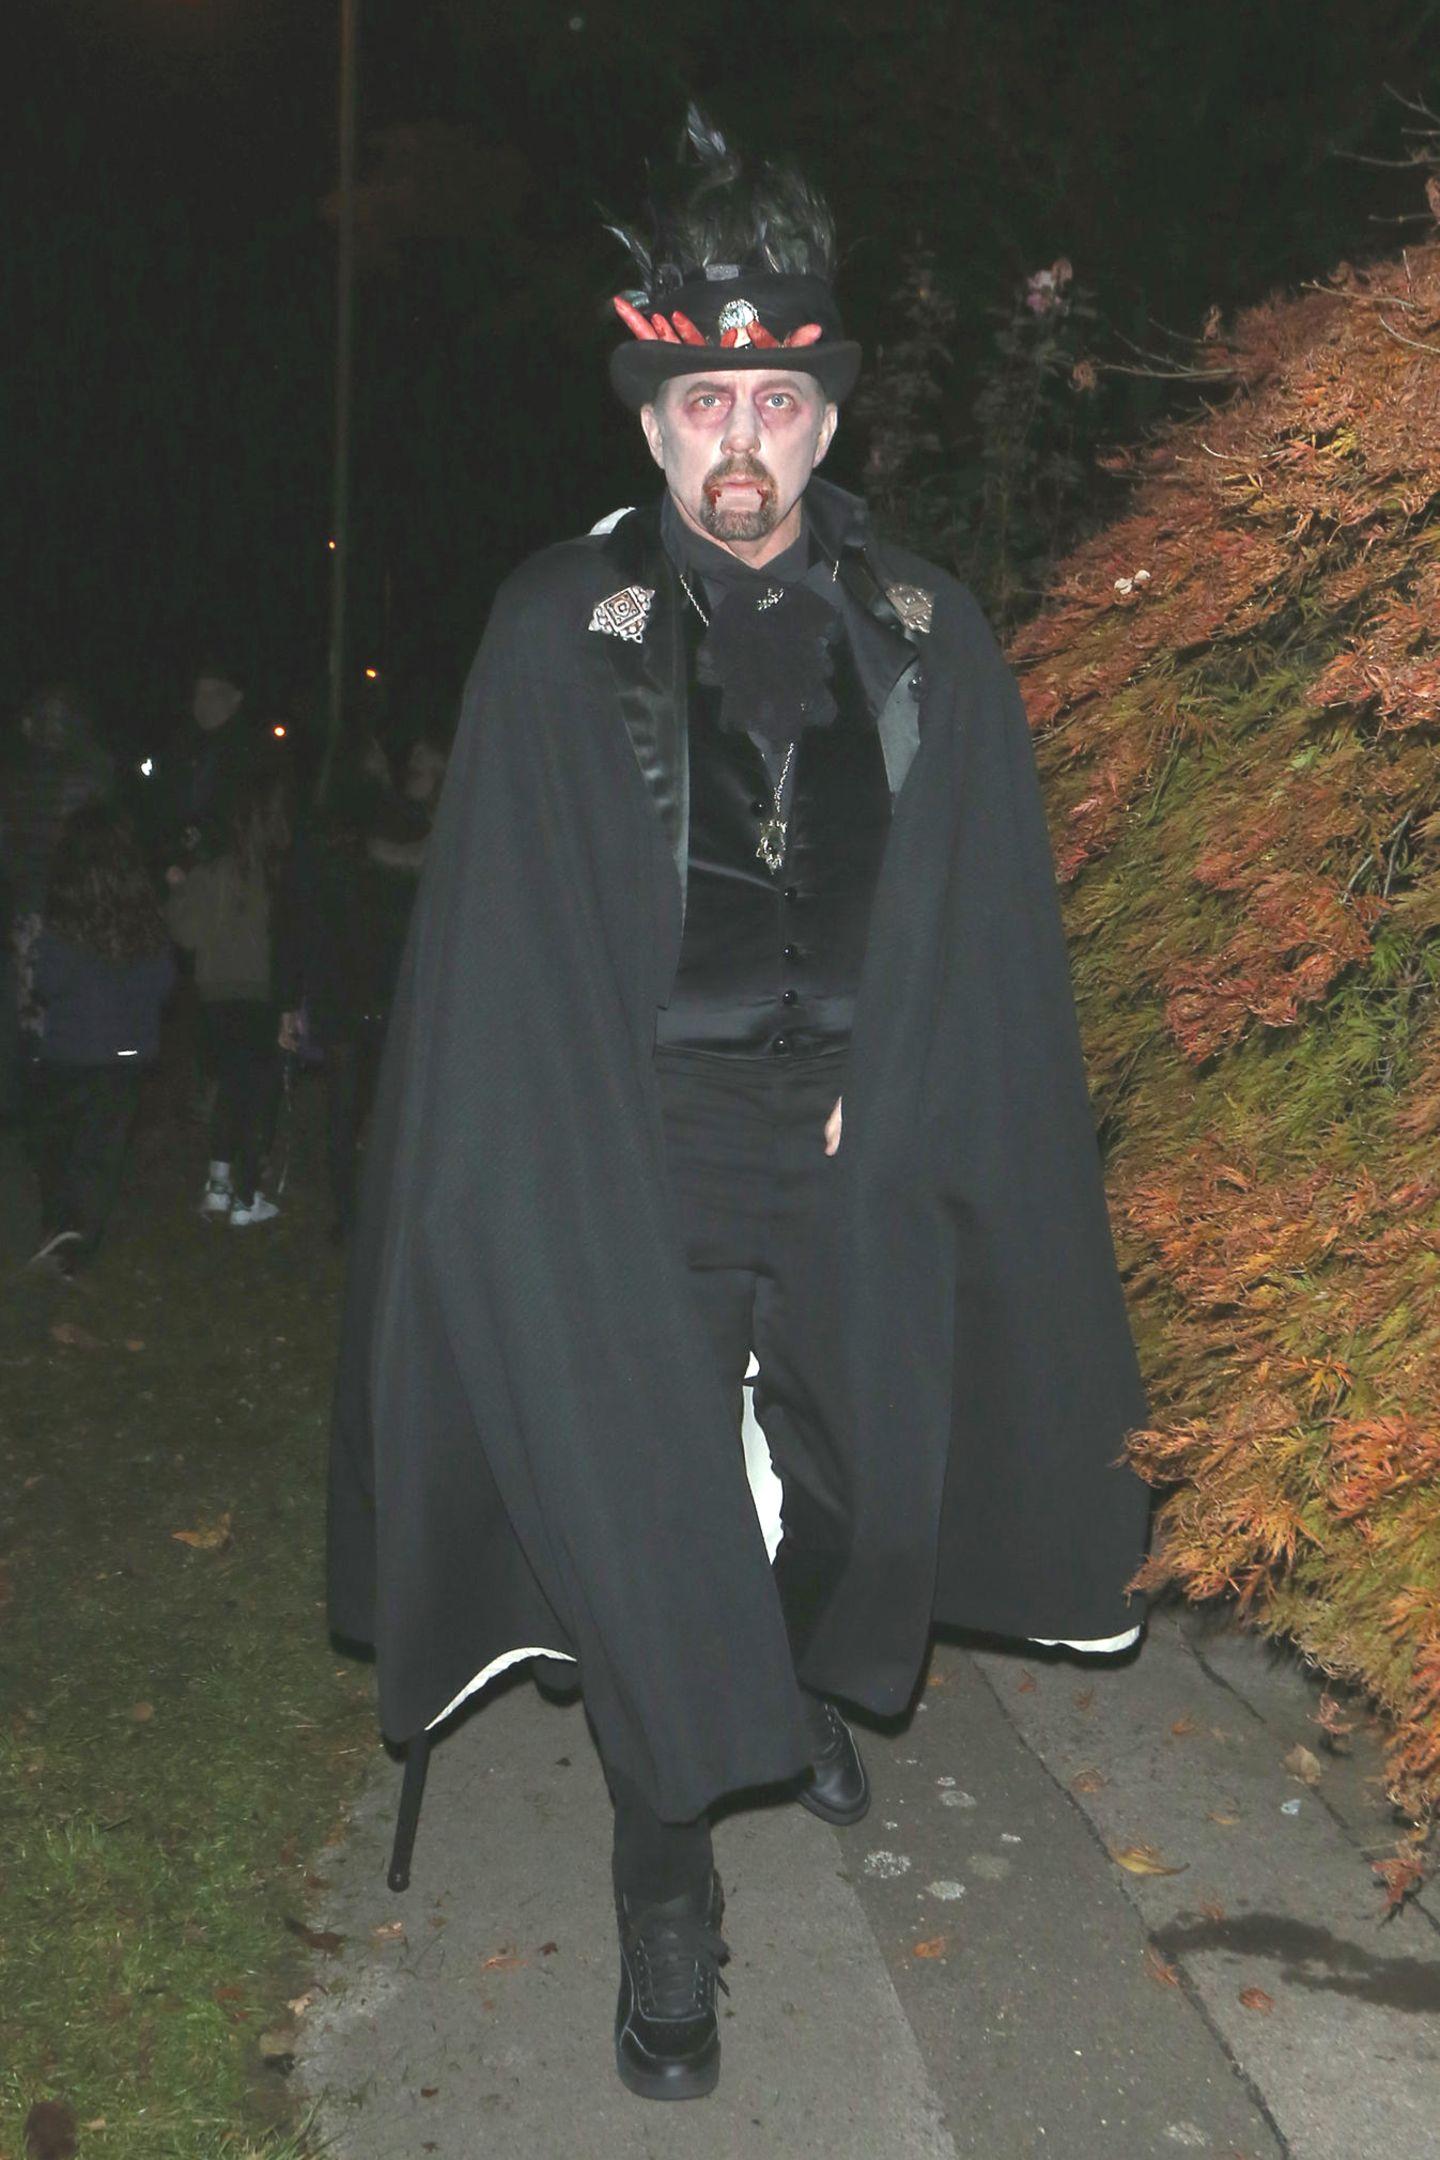 Erkennen Sie diesen Grusel-Grafen, der in London auf dem Weg zu einer Halloween-Party ist? Es ist niemand Geringeres als Boris Becker.